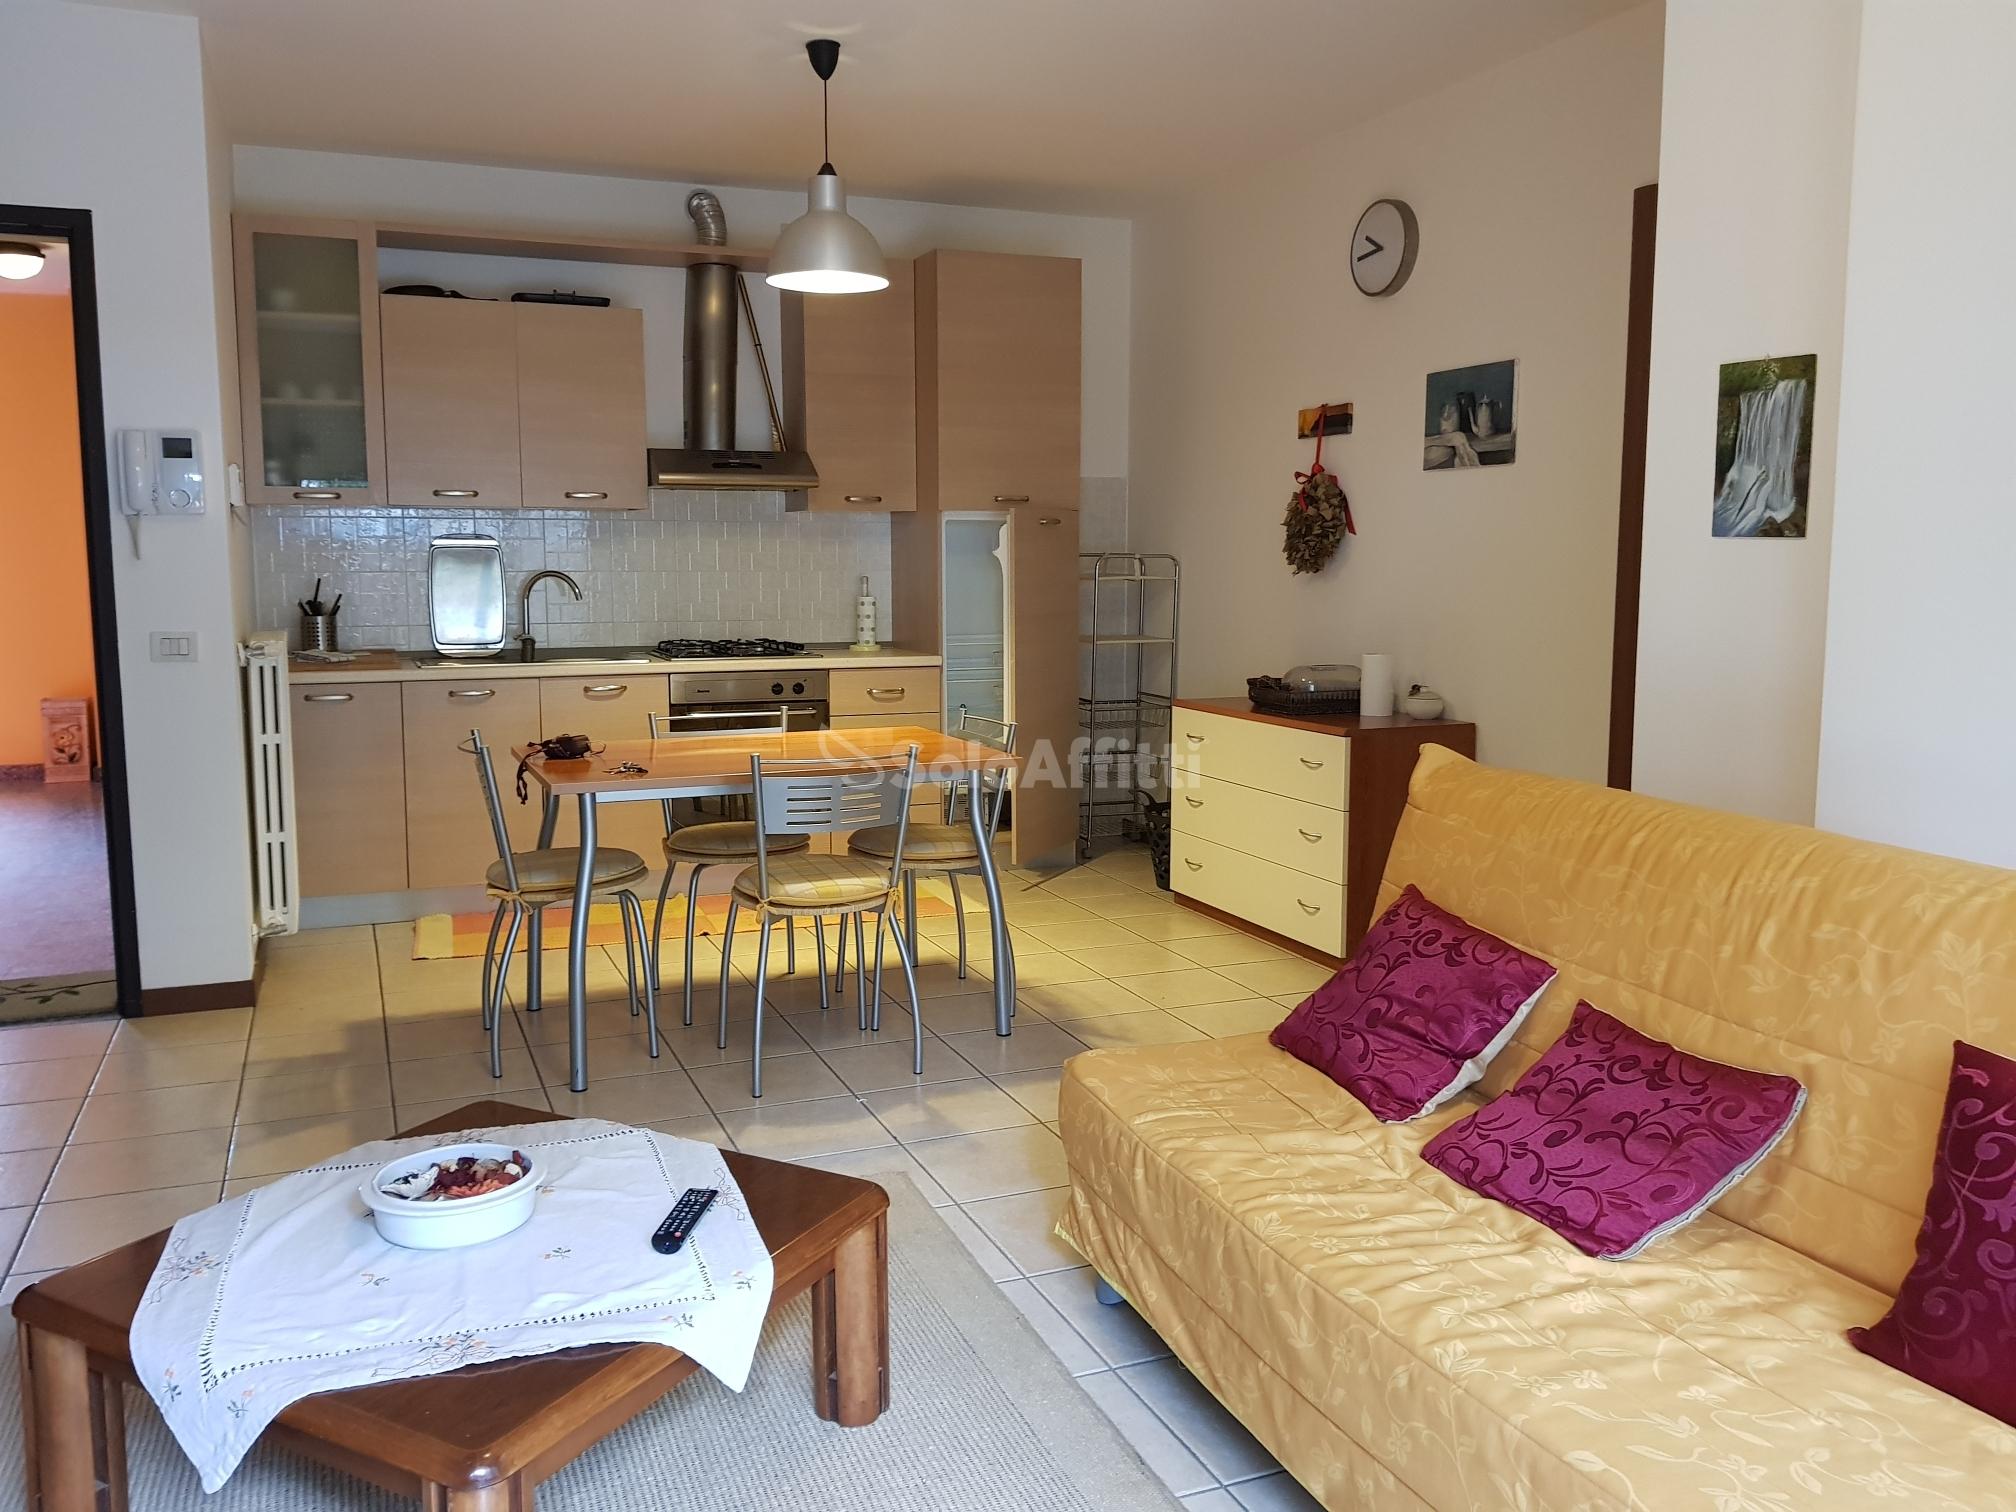 Affitto appartamento bilocale 60 mq for Appartamento 60 mq design